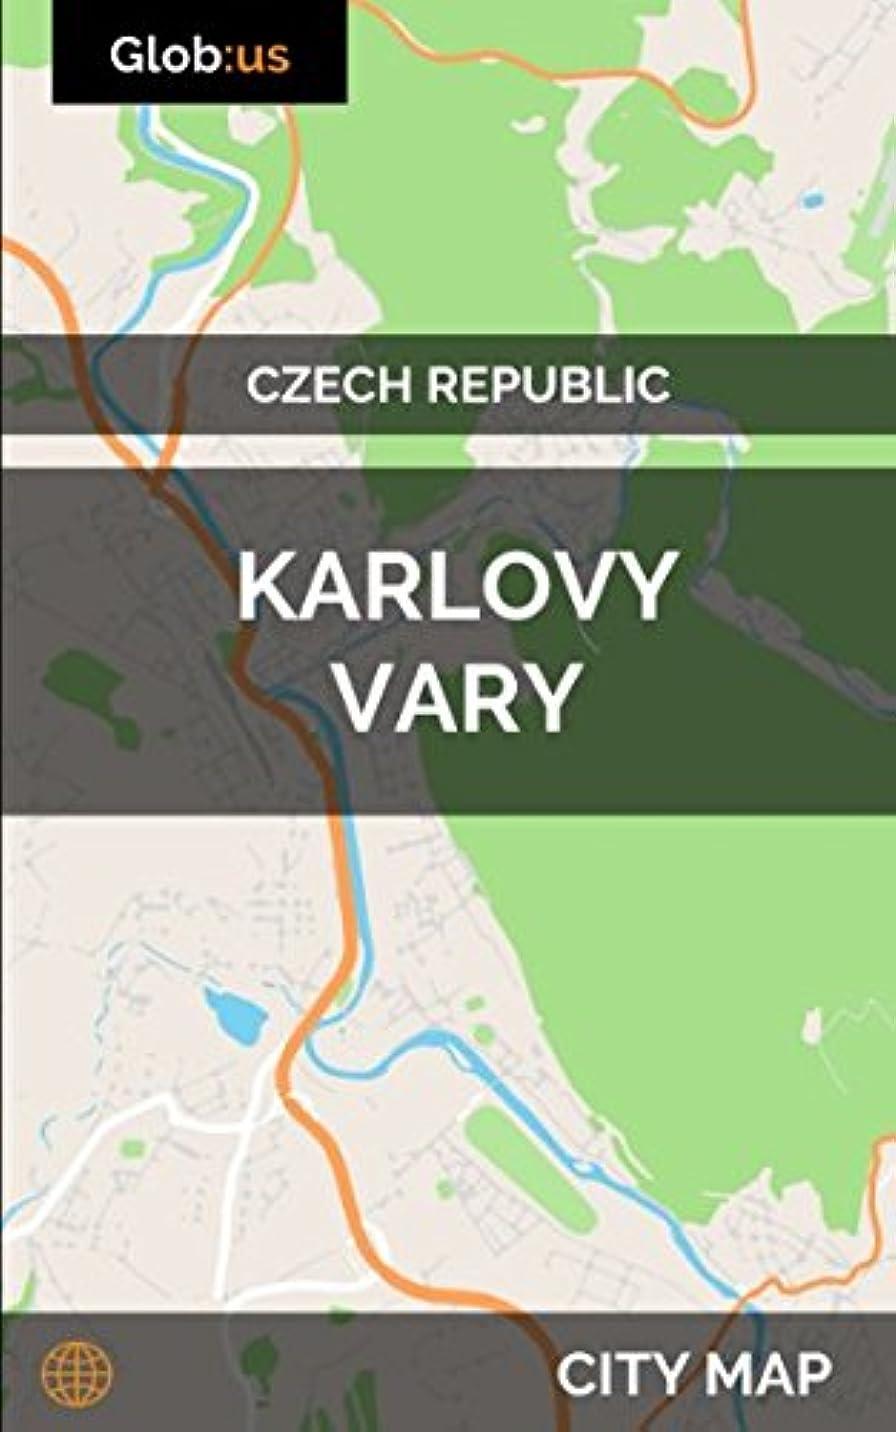 すりライバル詳細なKarlovy Vary, Czech Republic - City Map